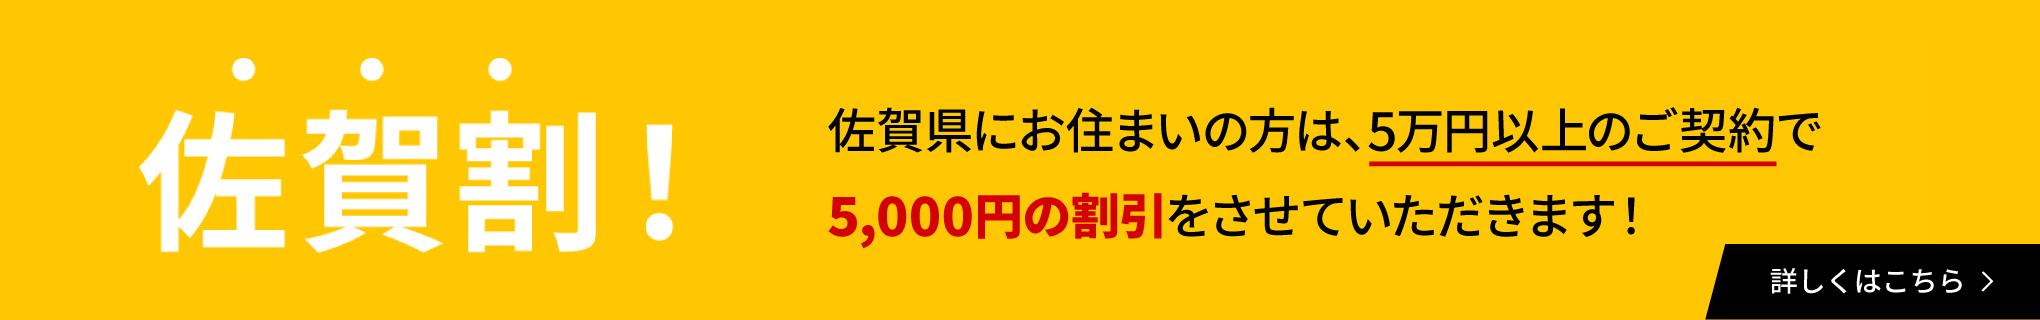 佐賀割!佐賀県にお住まいの方は5万円以上のご契約で5,000円の割引をさせていただきます!